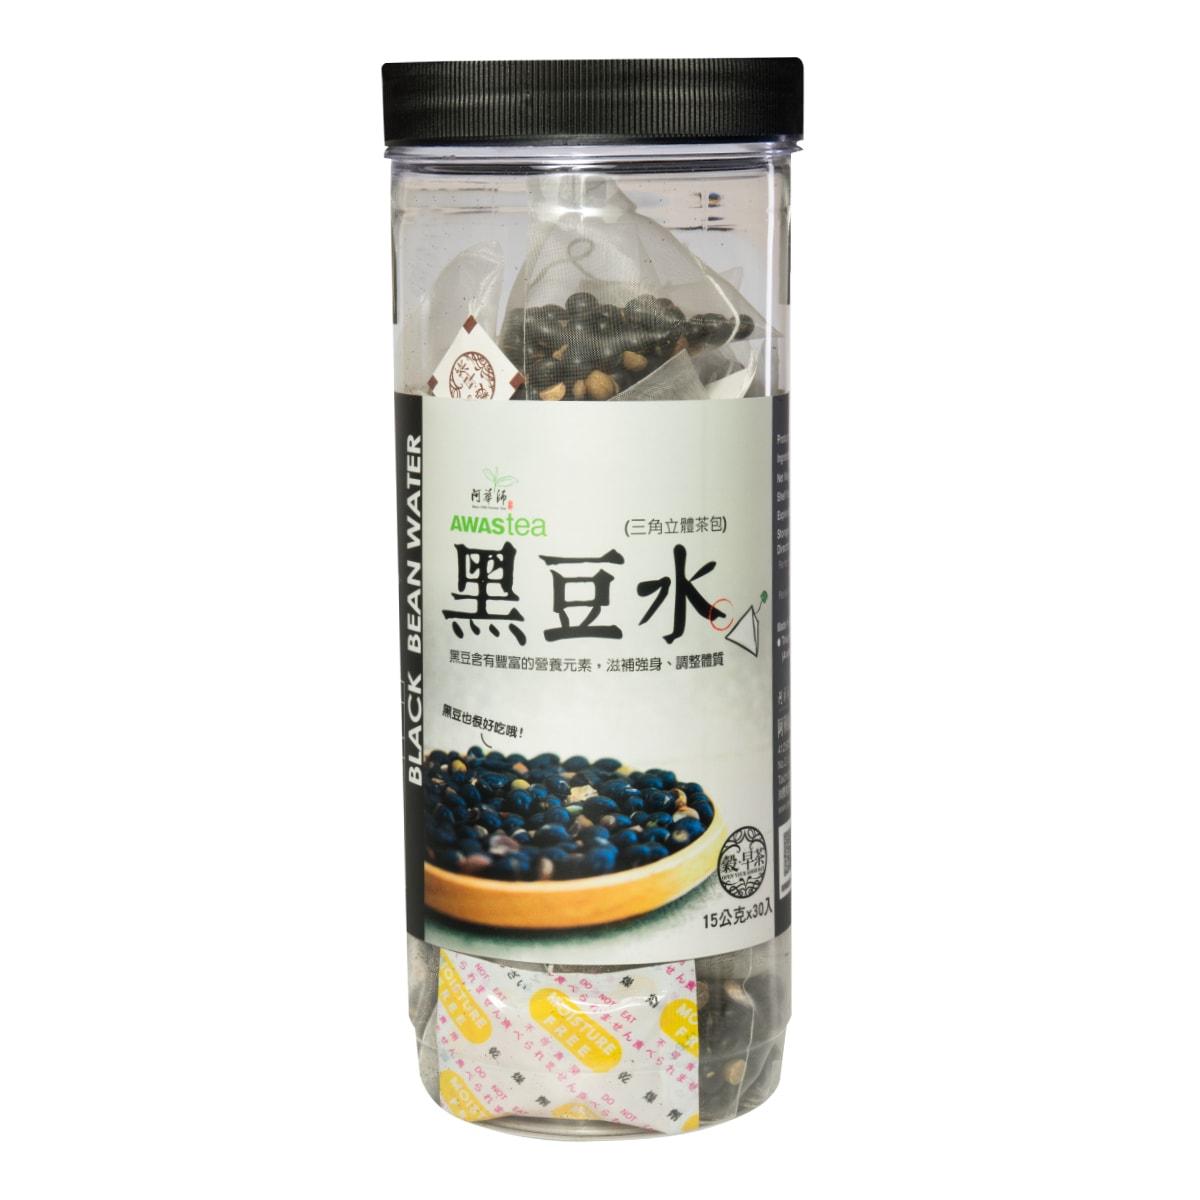 台湾阿华师 黑豆水 30袋入 450g 怎么样 - 亚米网